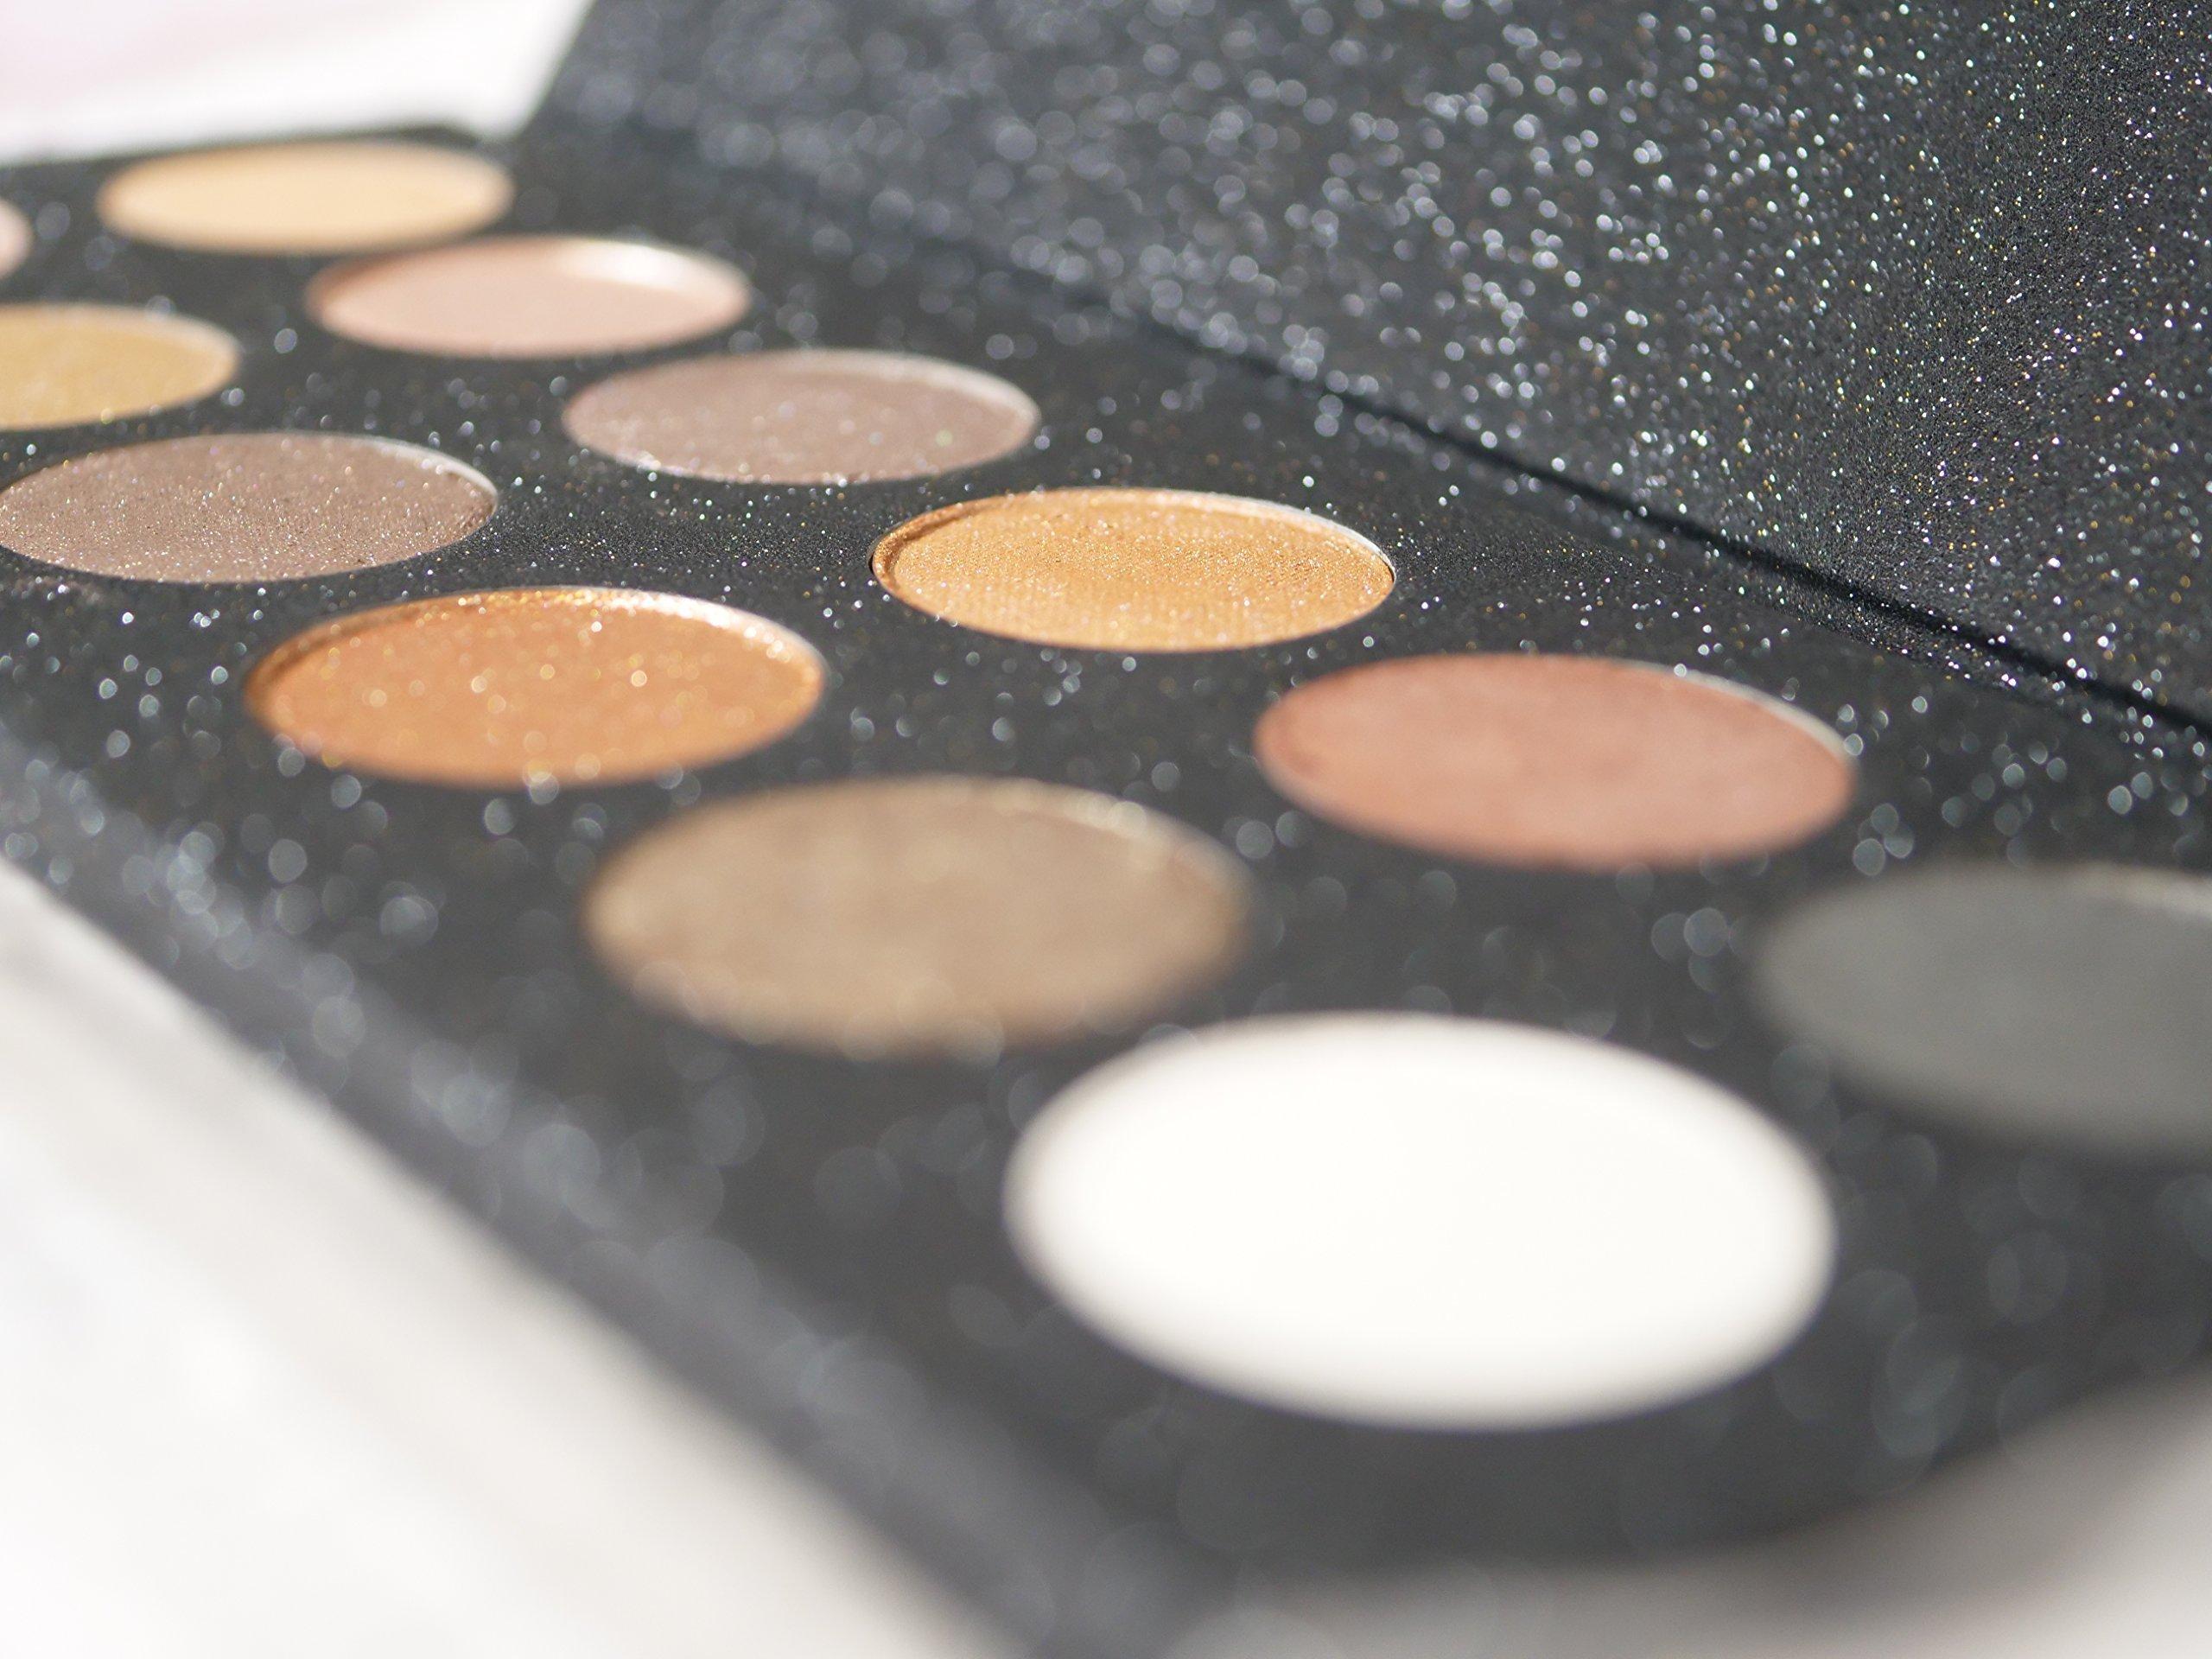 Best Selling Neutrals Eye Shadow Palette - 12-well